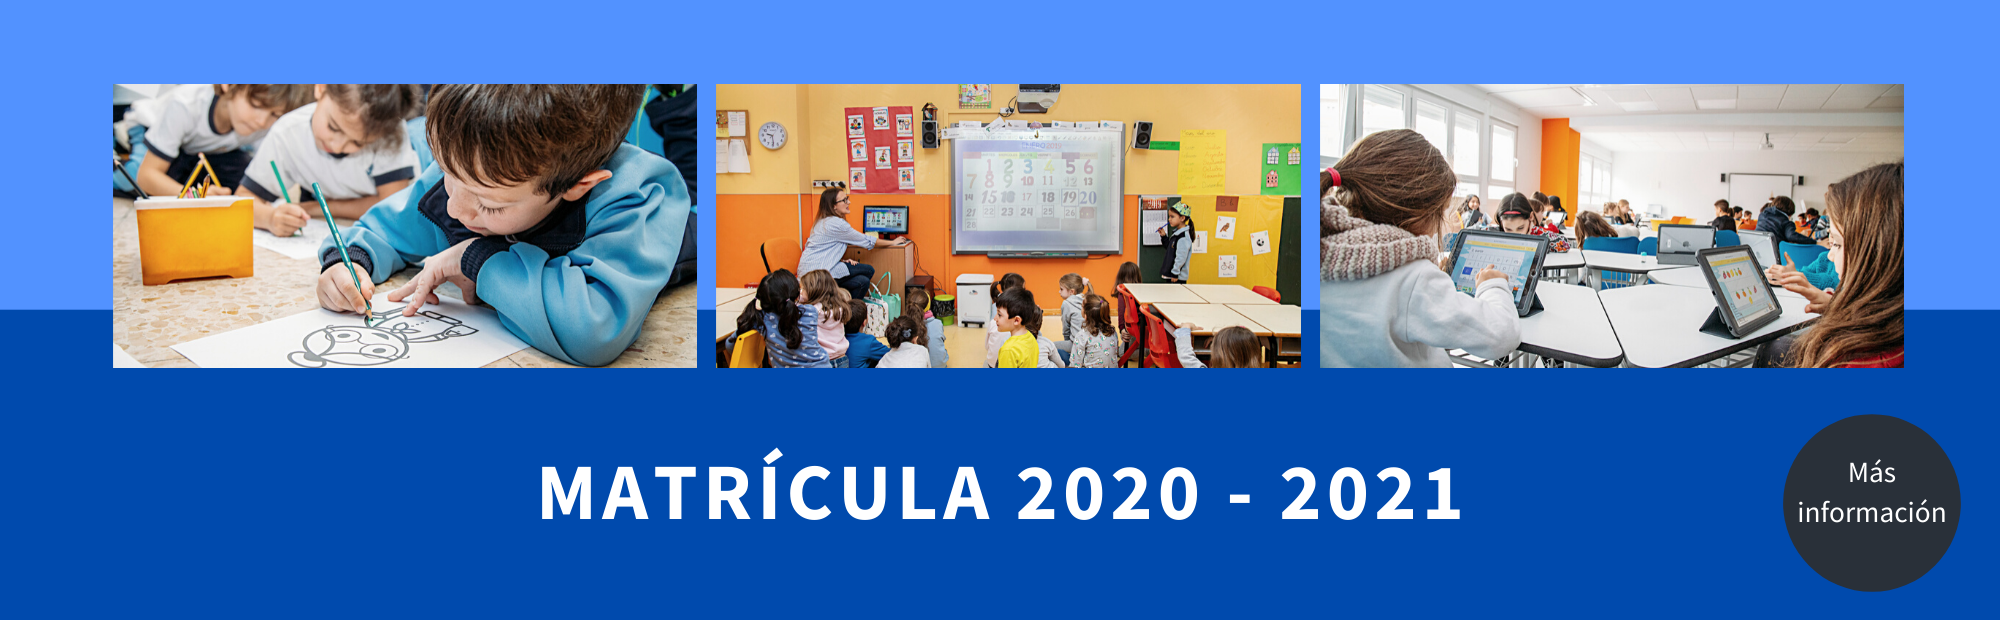 Matrícula 2020-2021